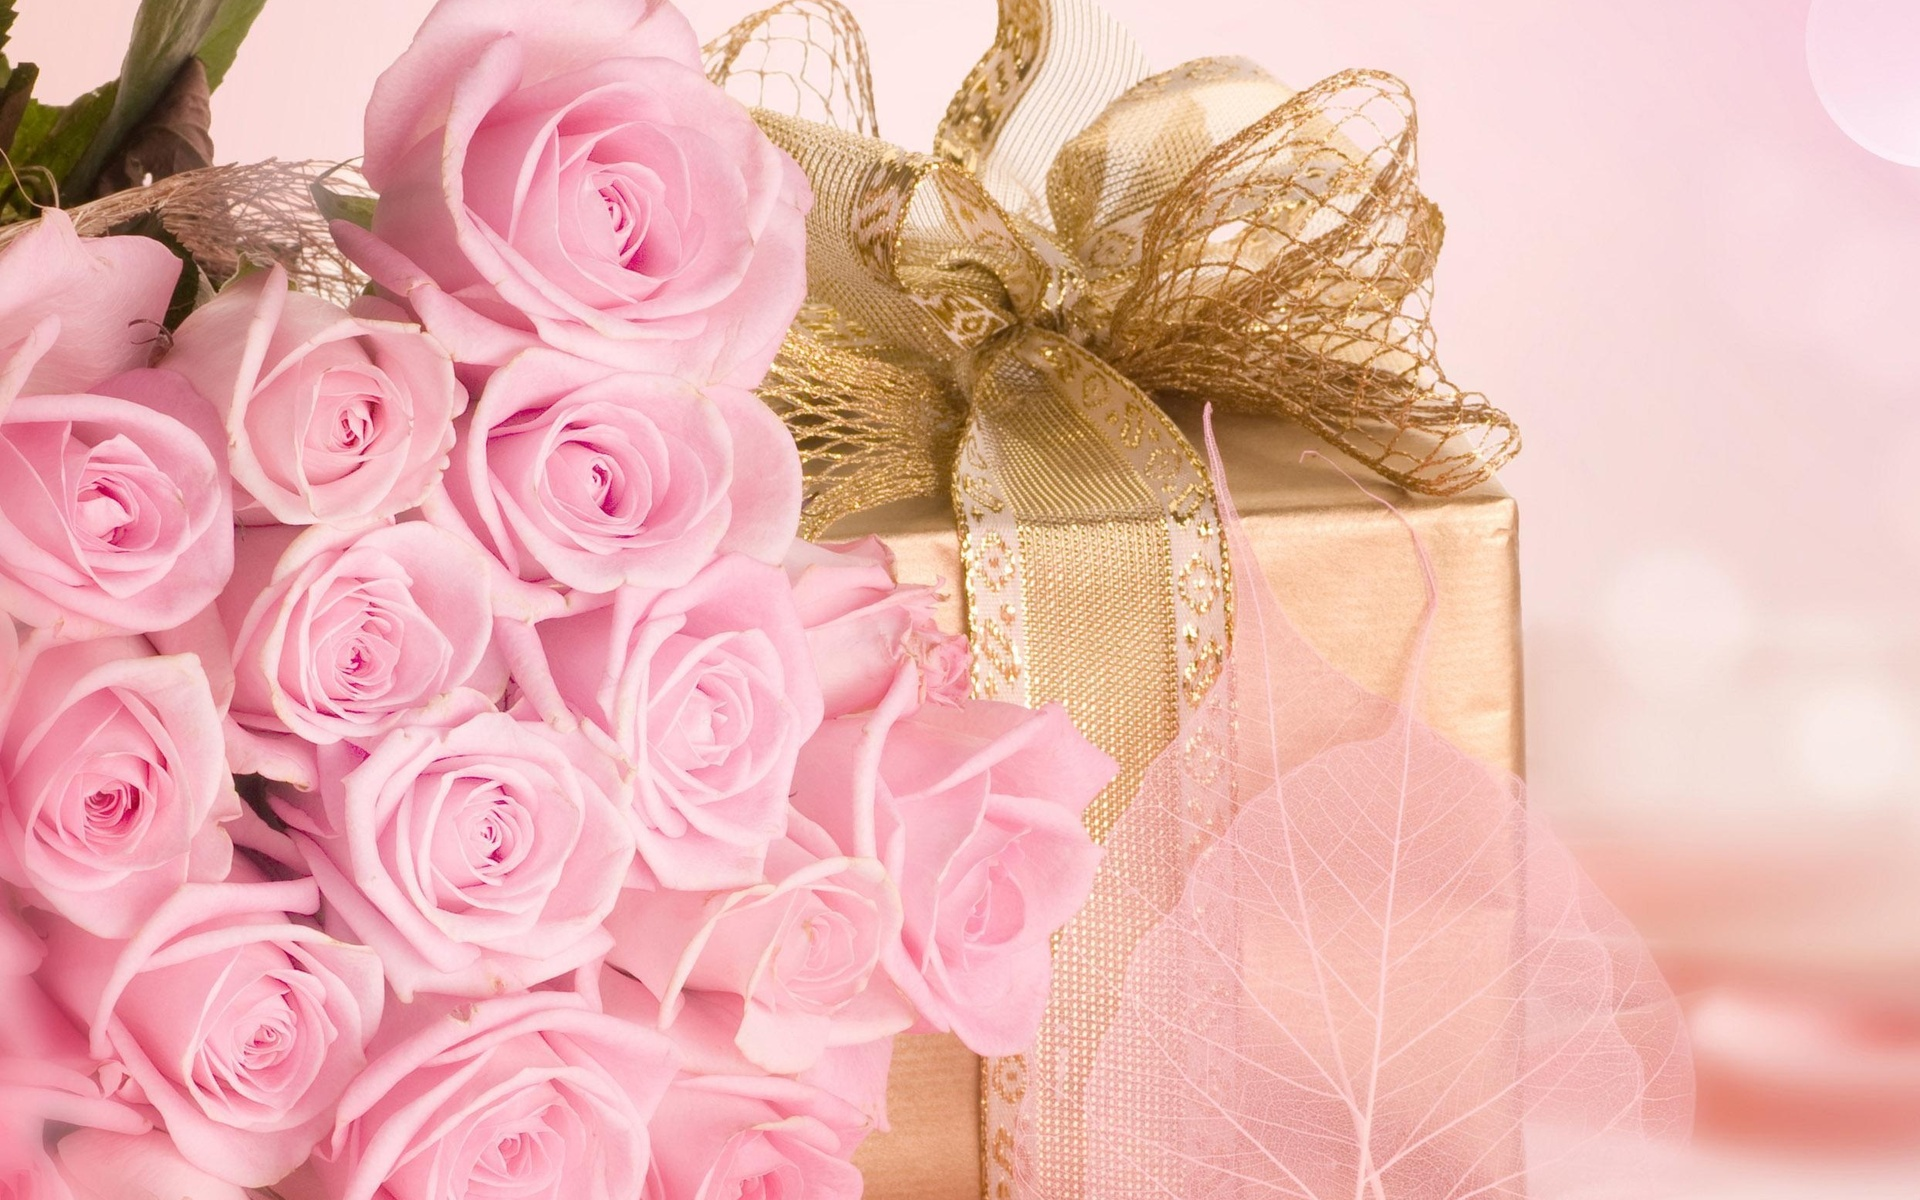 самые прекрасные поздравления с днем рождения с подарками для экономии